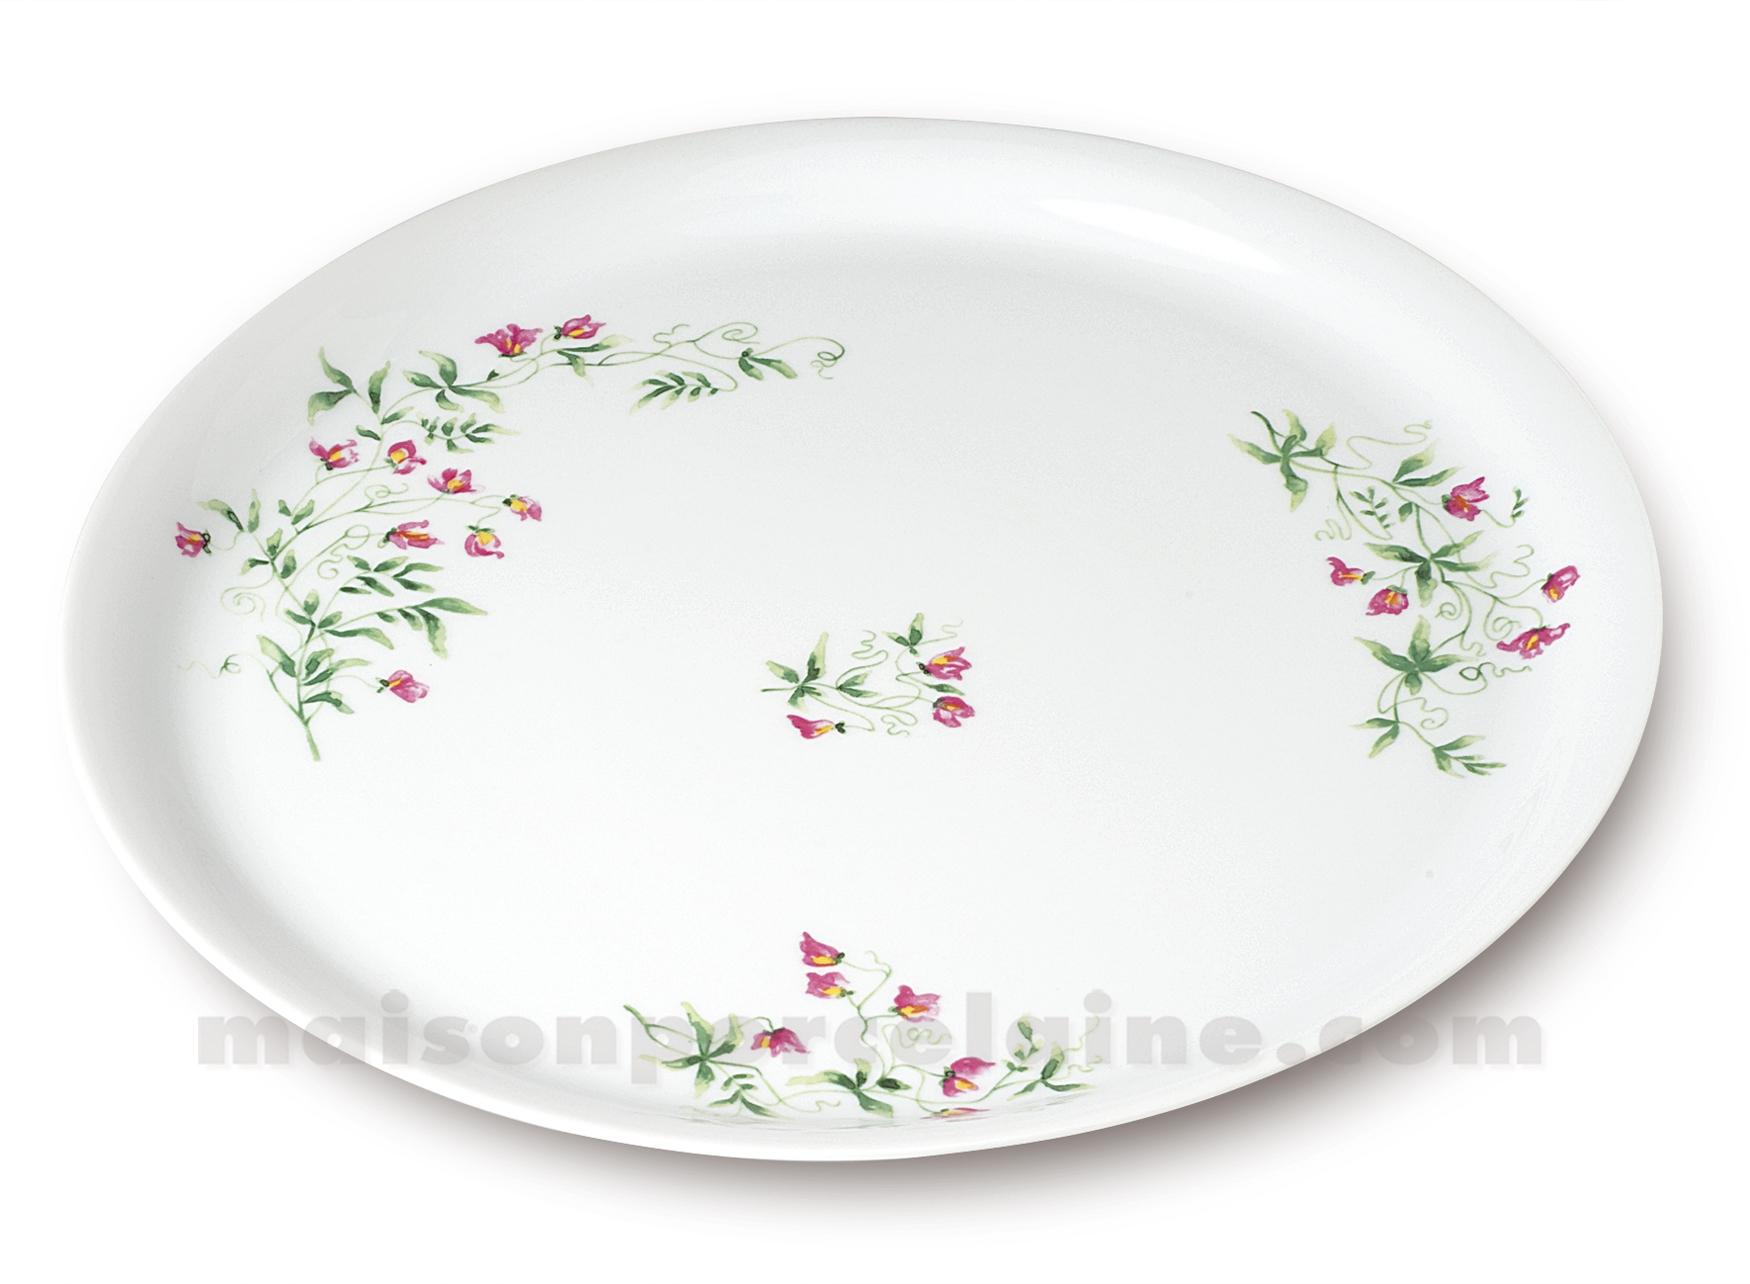 Plat tarte limoges empire d32 maison de la porcelaine for Maison de la porcelaine